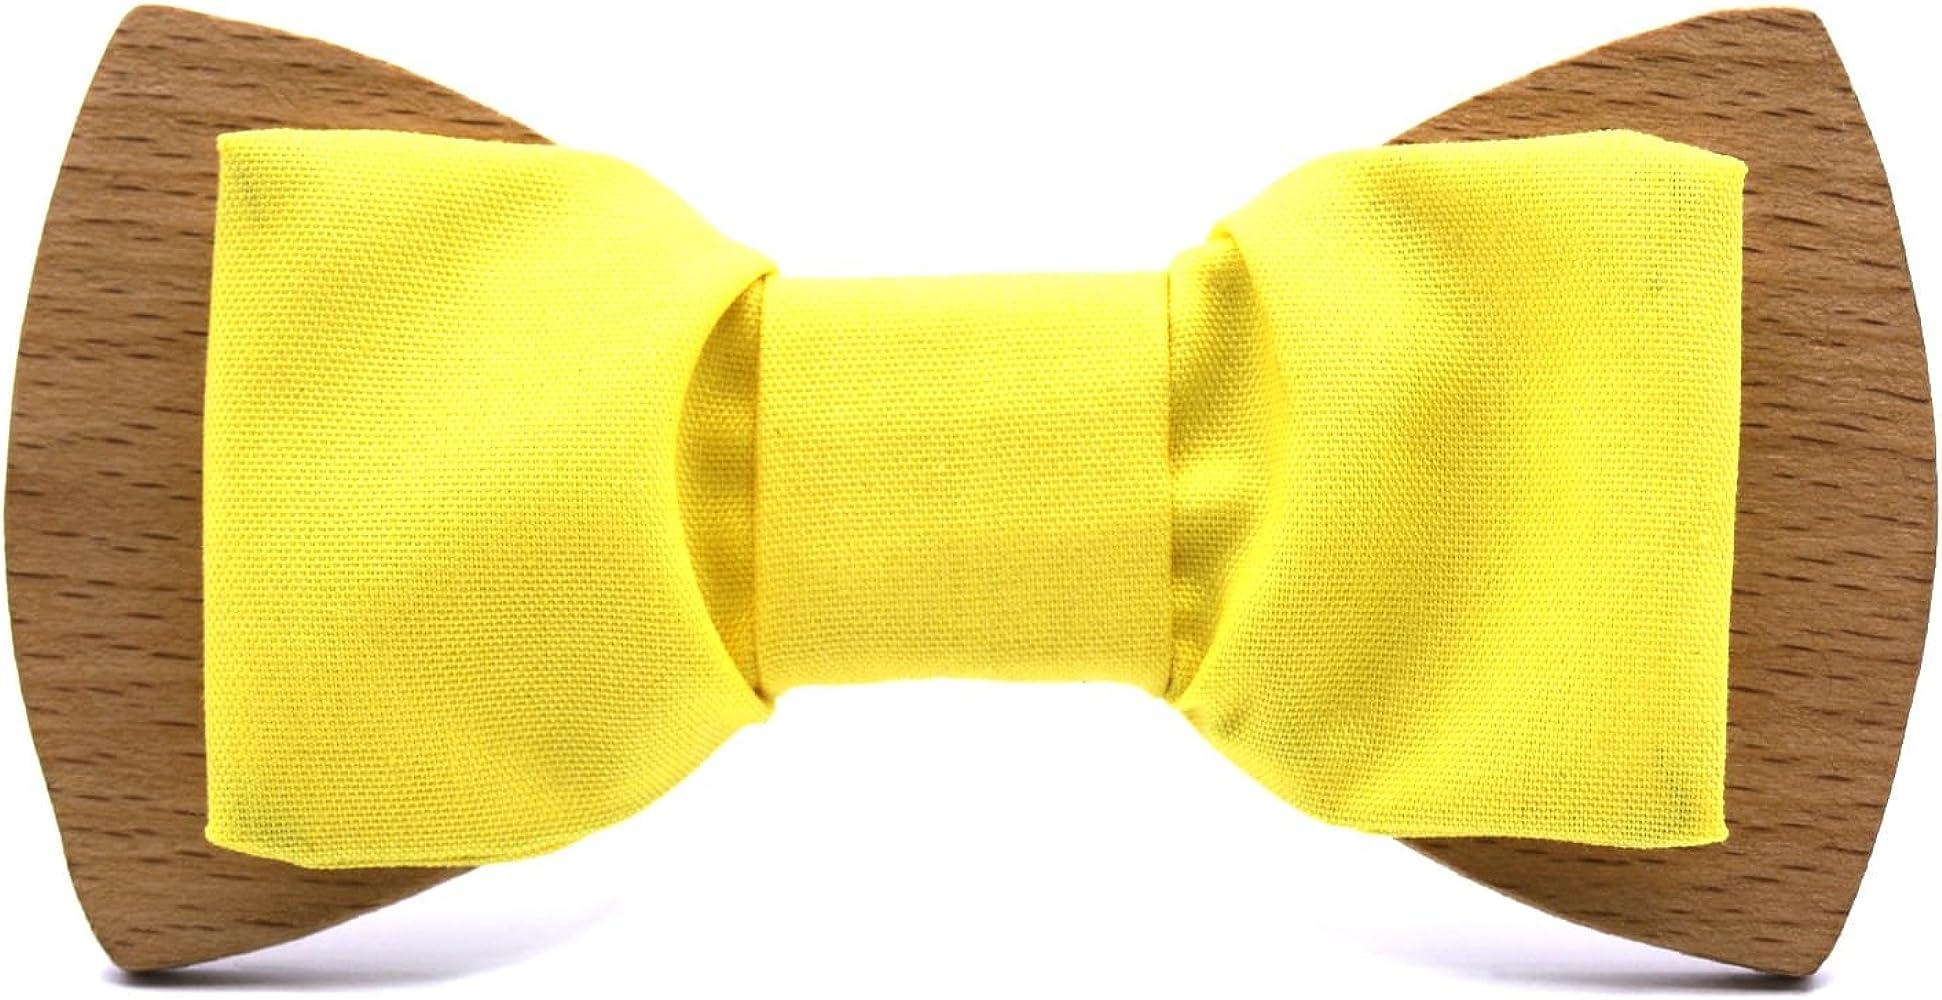 Territorial Pajarita de madera Classic Pale Yellow. Colección de moda hombre: Línea boda y eventos. Diseño híbrido madera-tela amarilla. Confeccionada en España Regalo original (Claro (beige)): Amazon.es: Ropa y accesorios